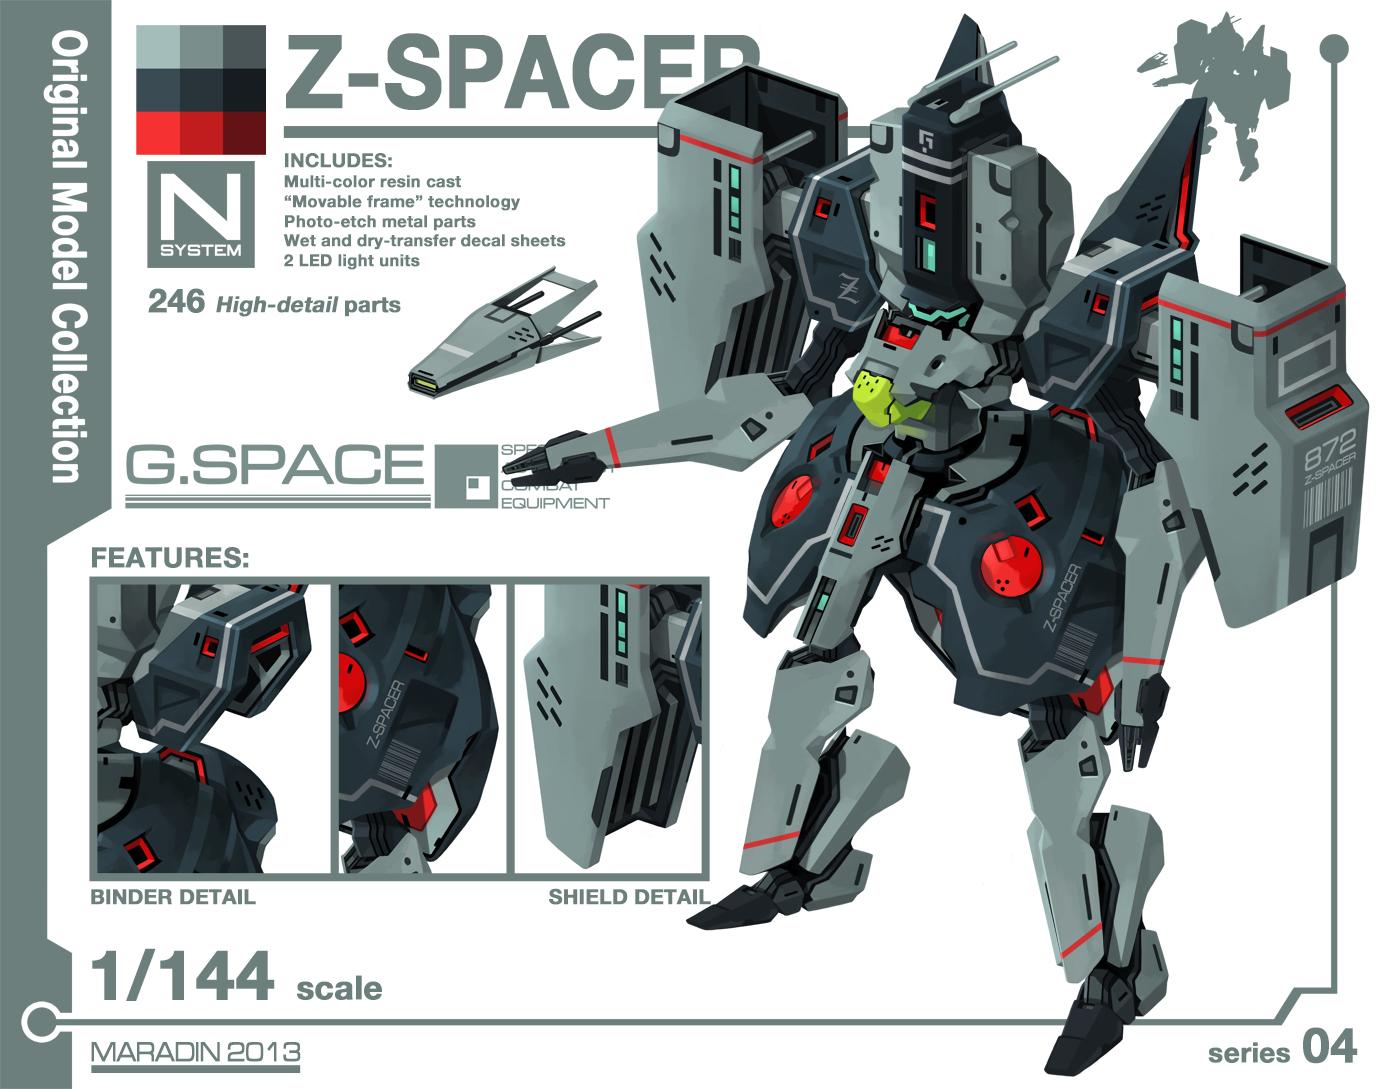 Series 04: Z-Spacer by Nidaram